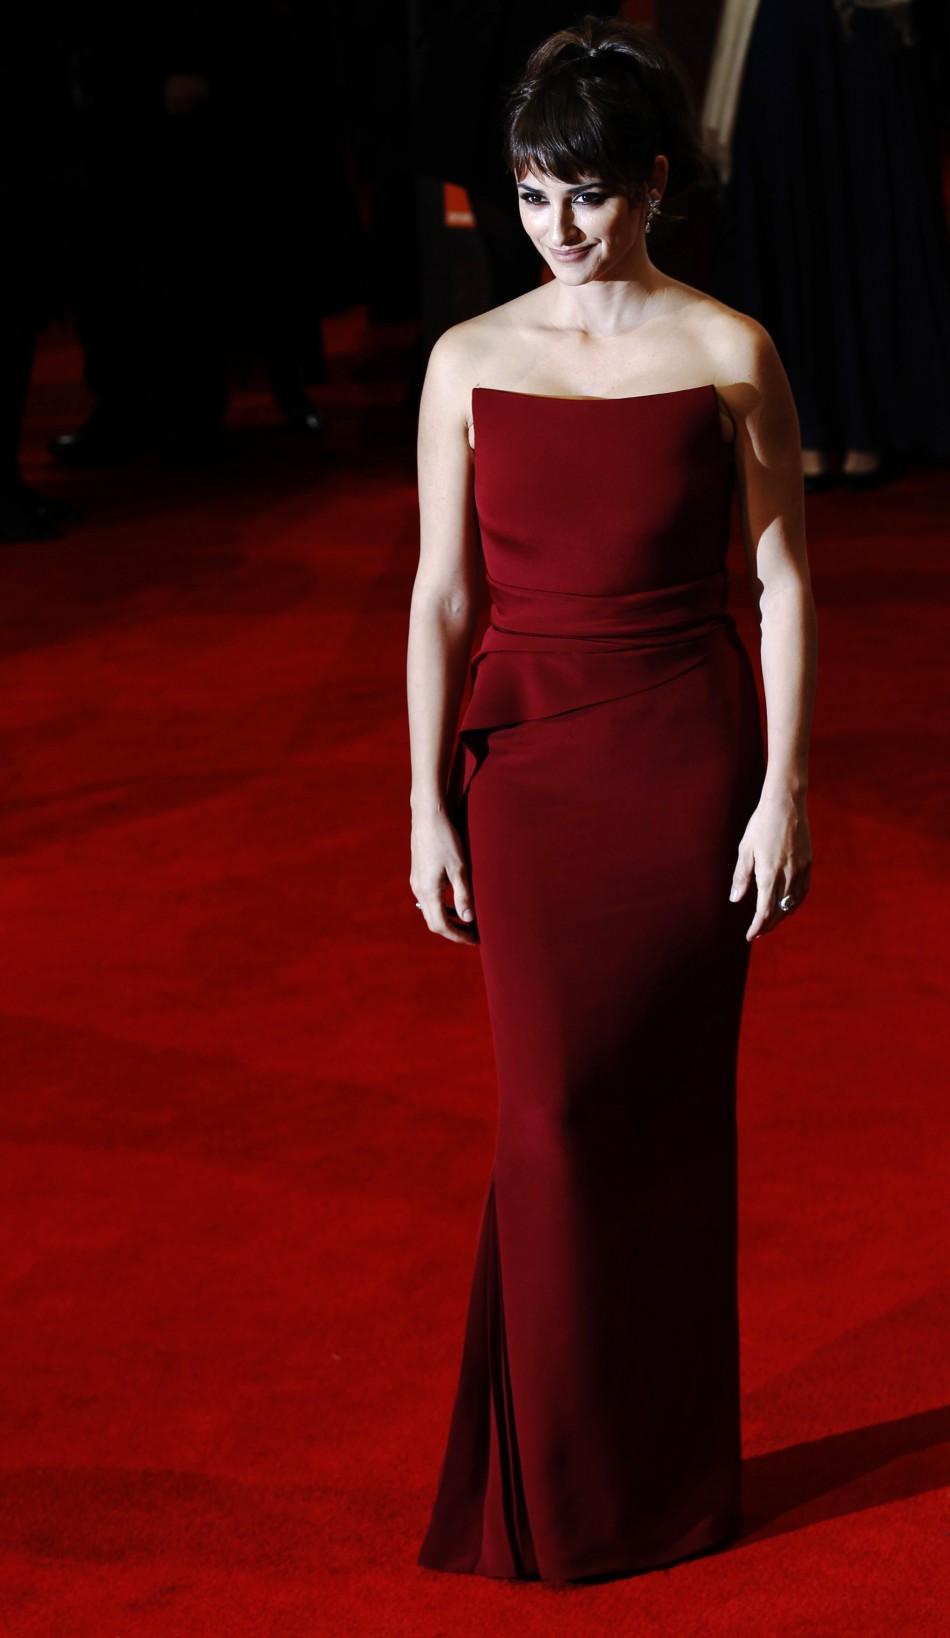 Actress Penelope Cruz